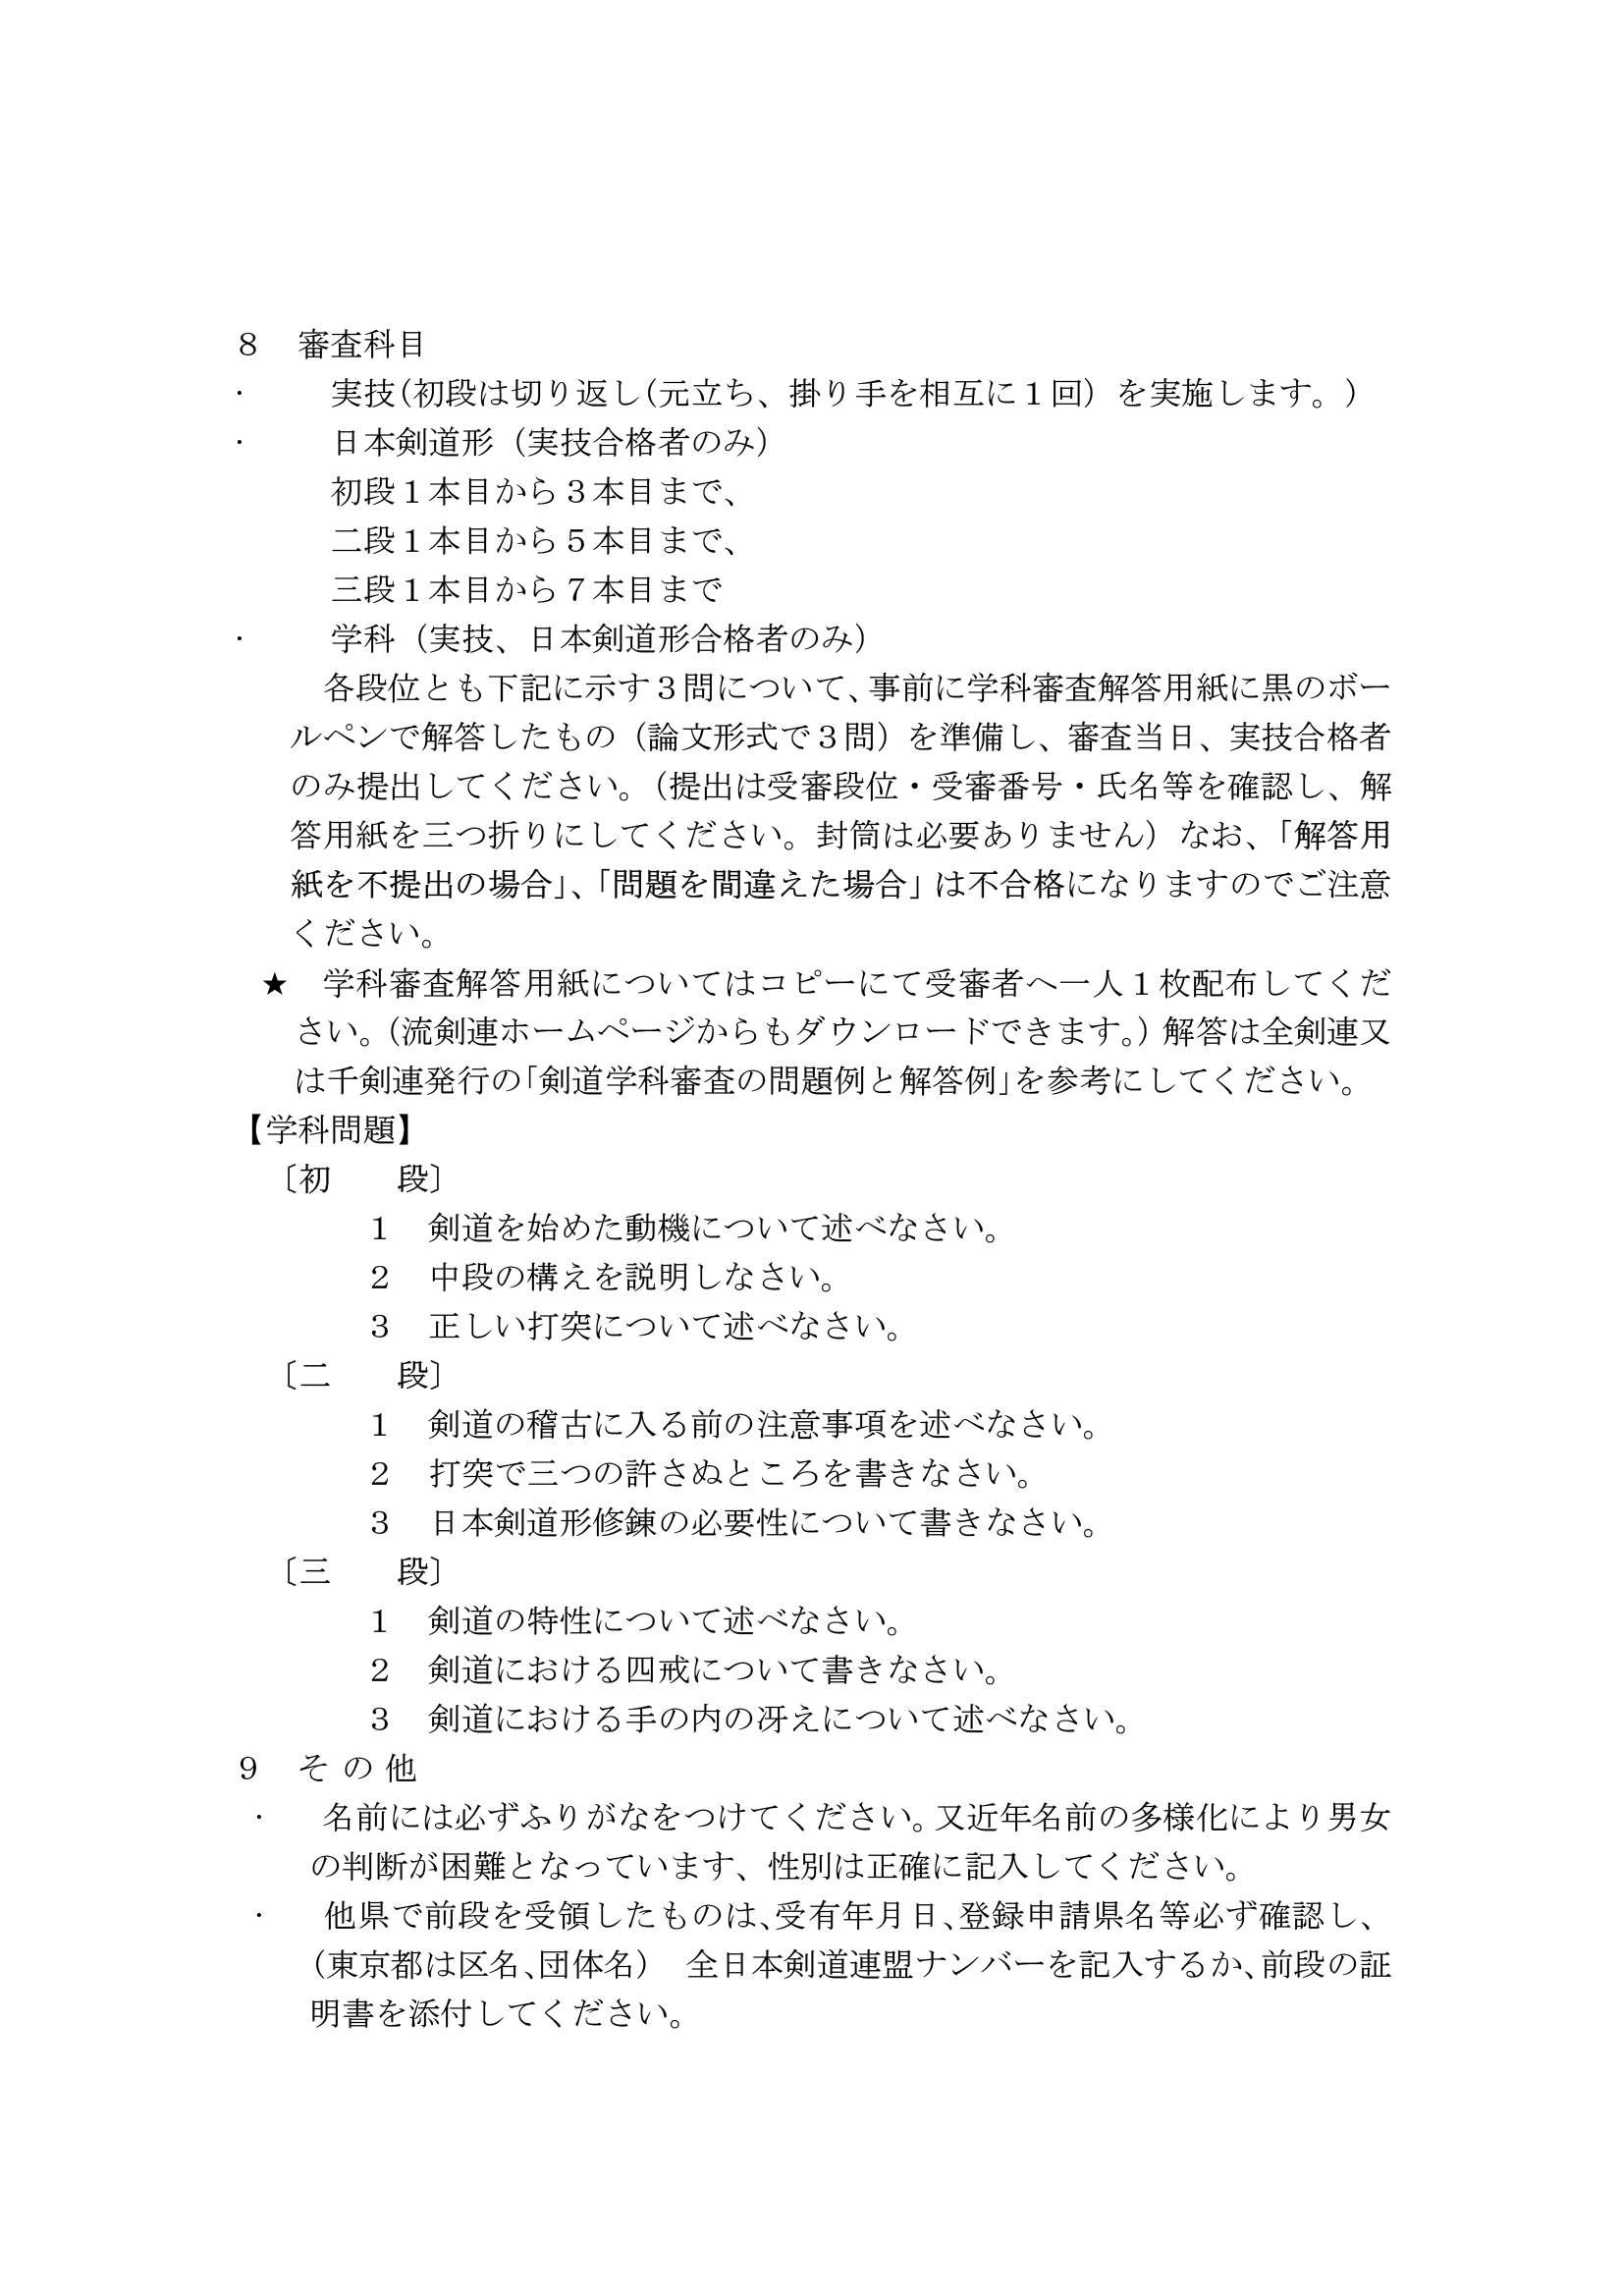 2021.3.28松戸会場通知_0003